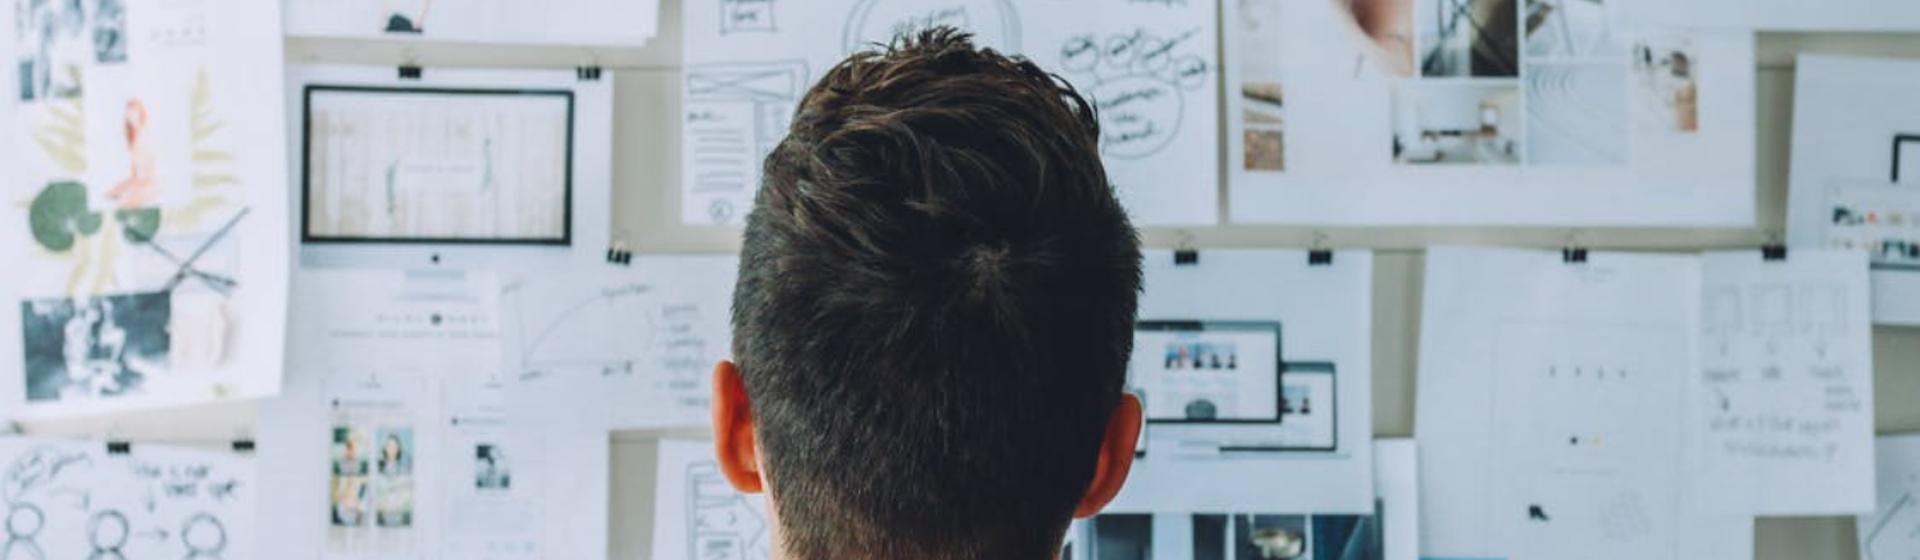 ¿Qué es un plan de negocios? Descubre cómo garantizar la viabilidad de tu empresa